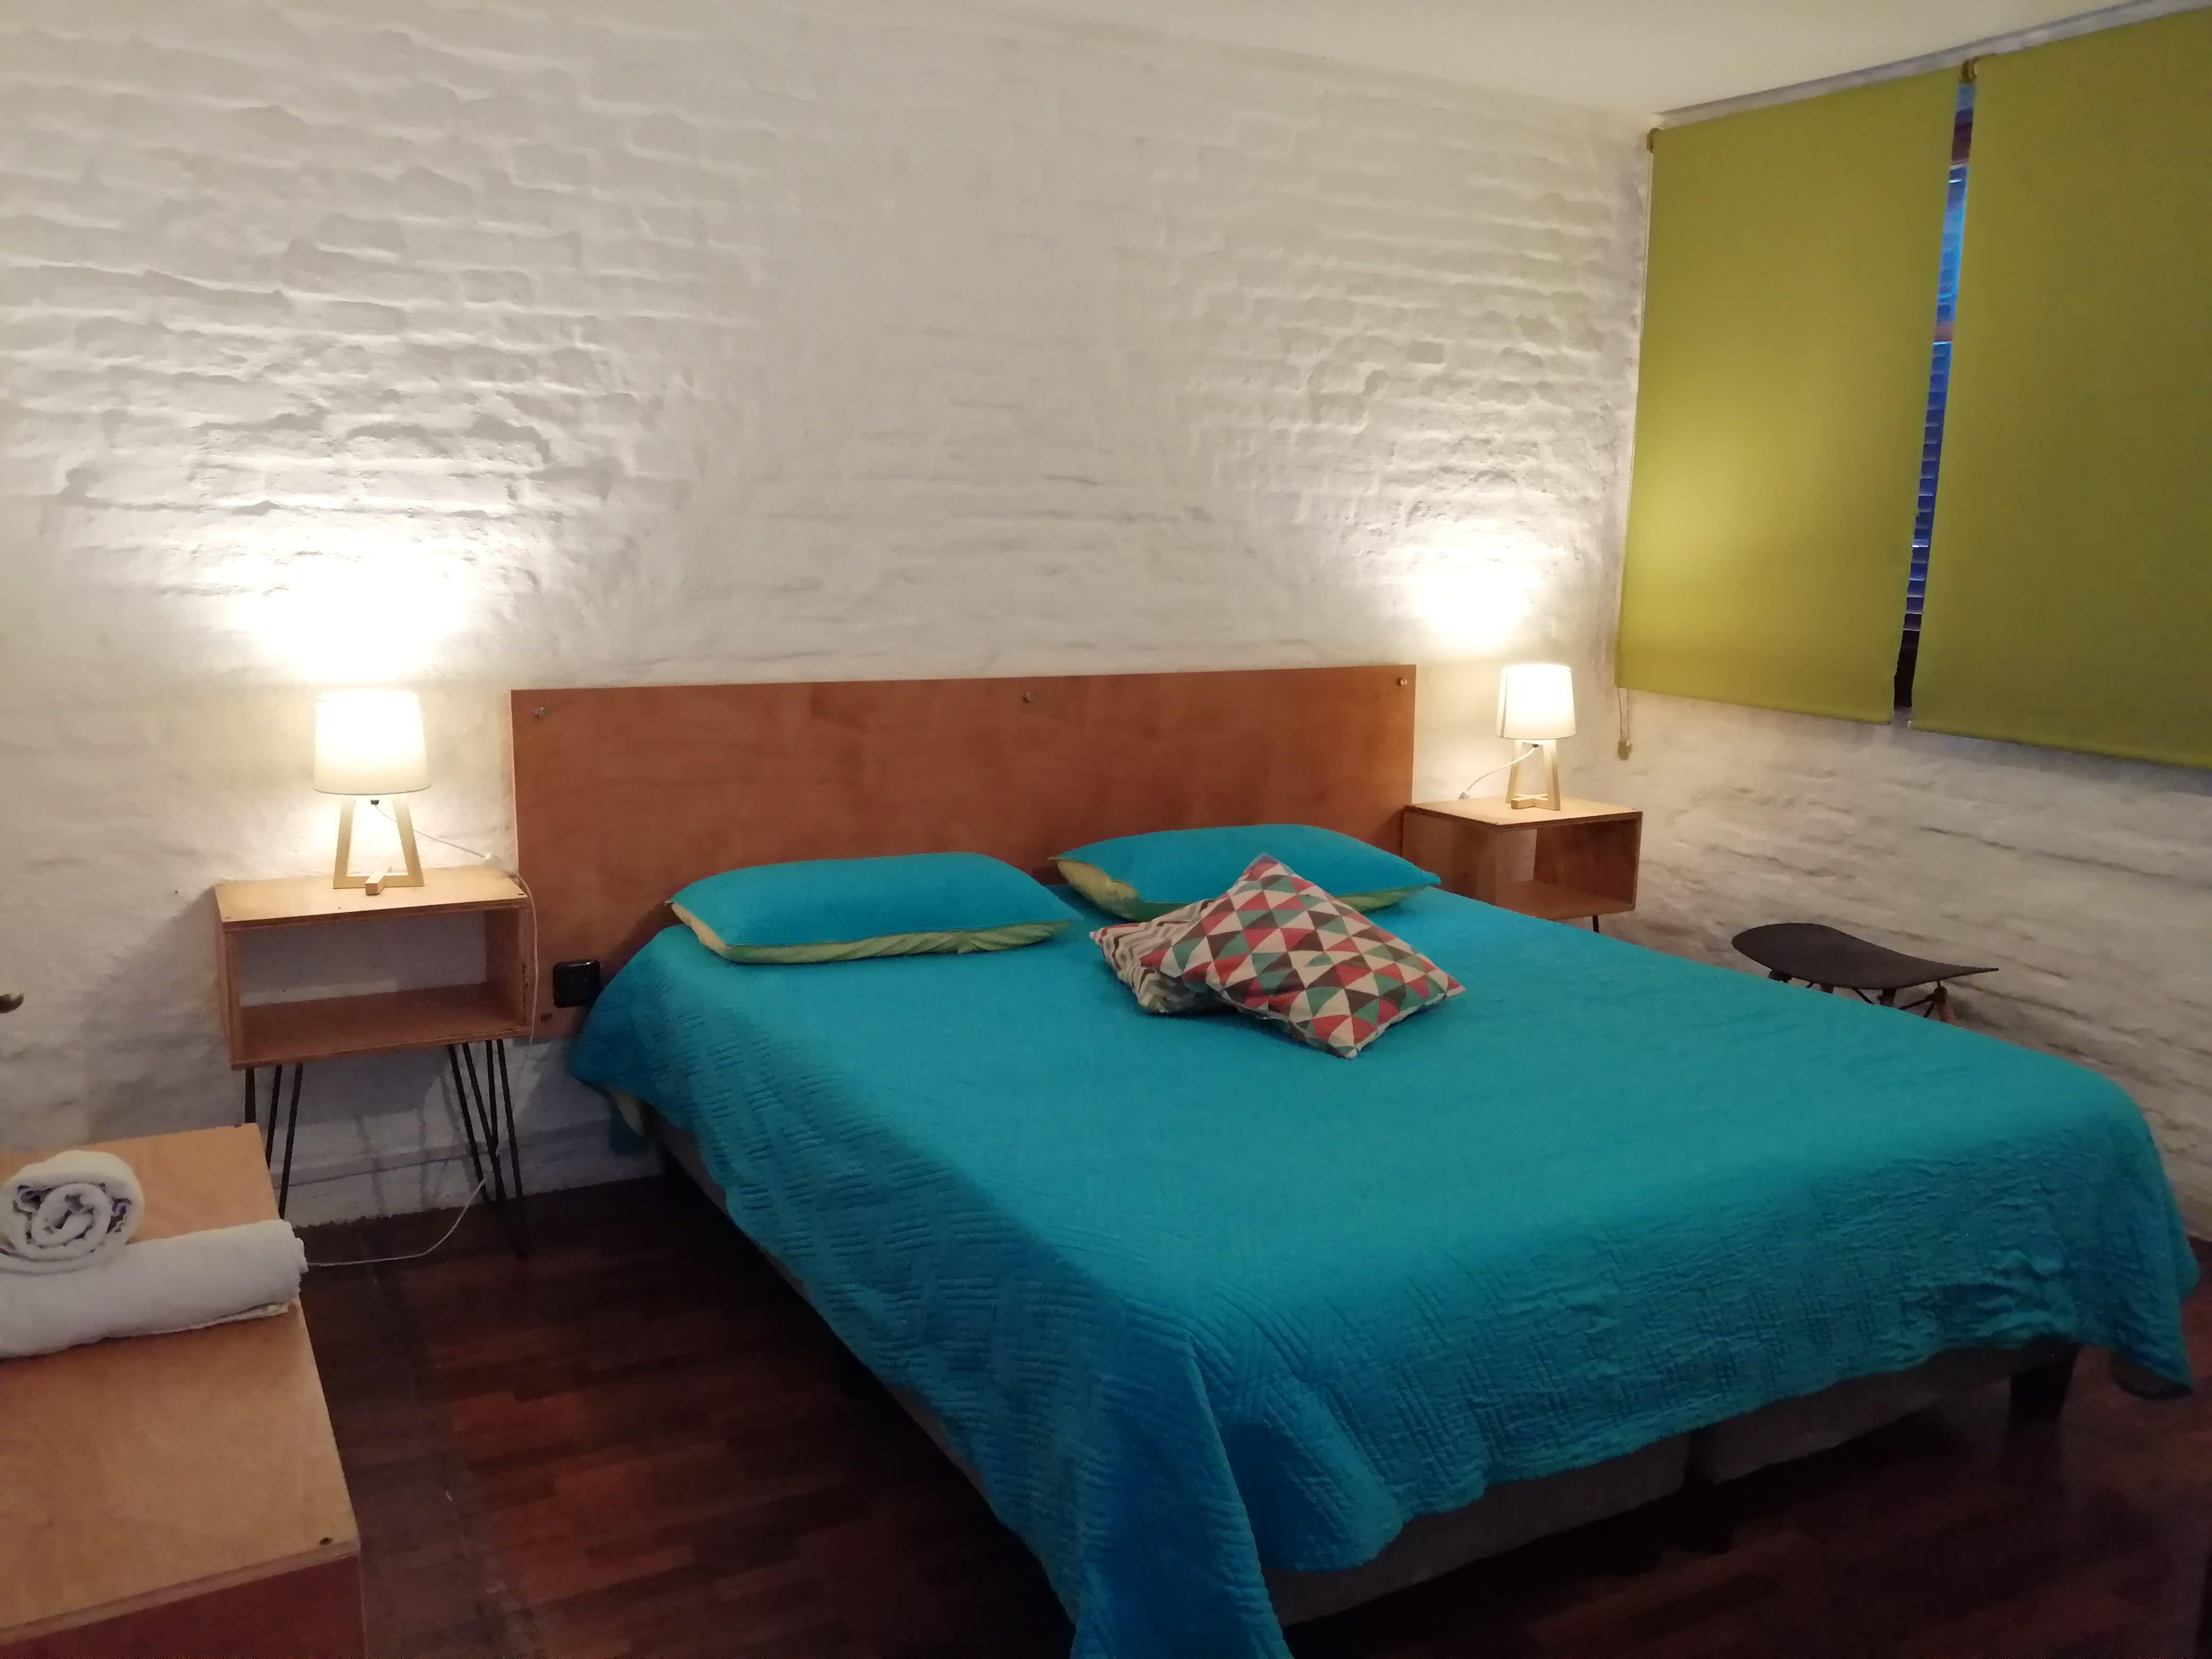 HOSTEL - MedioMundo Hostel